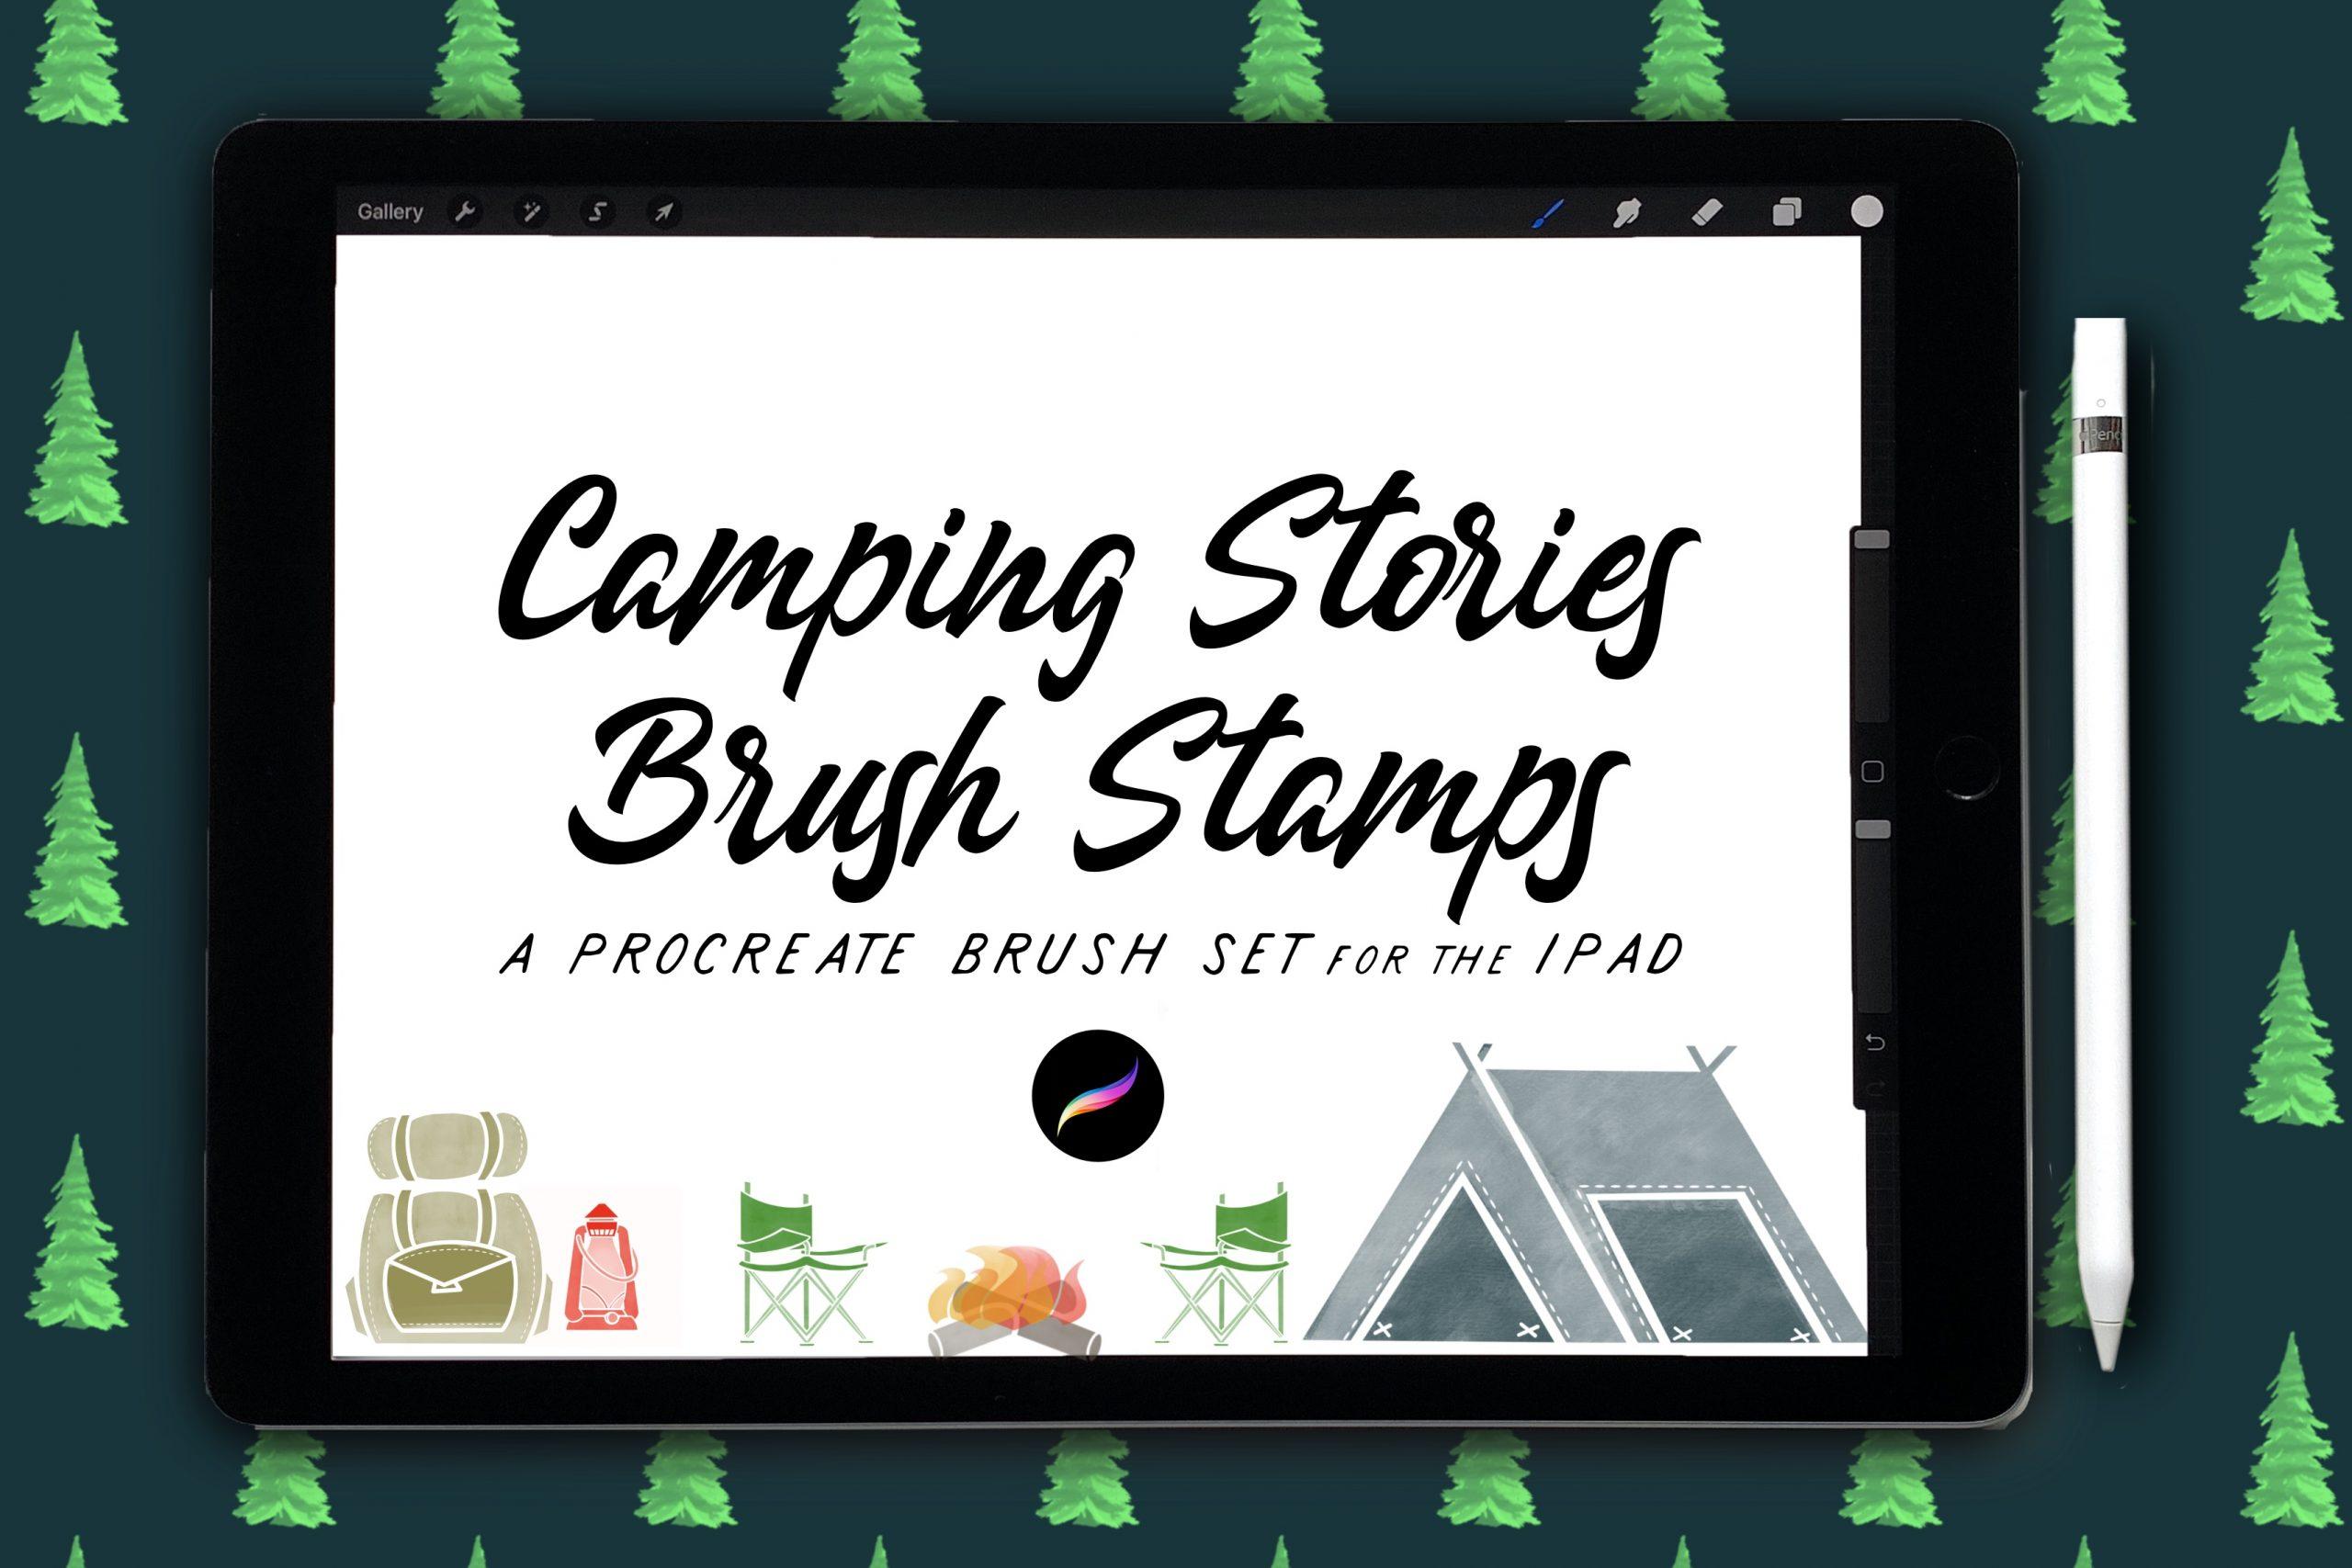 Camping Stories Stamp Set